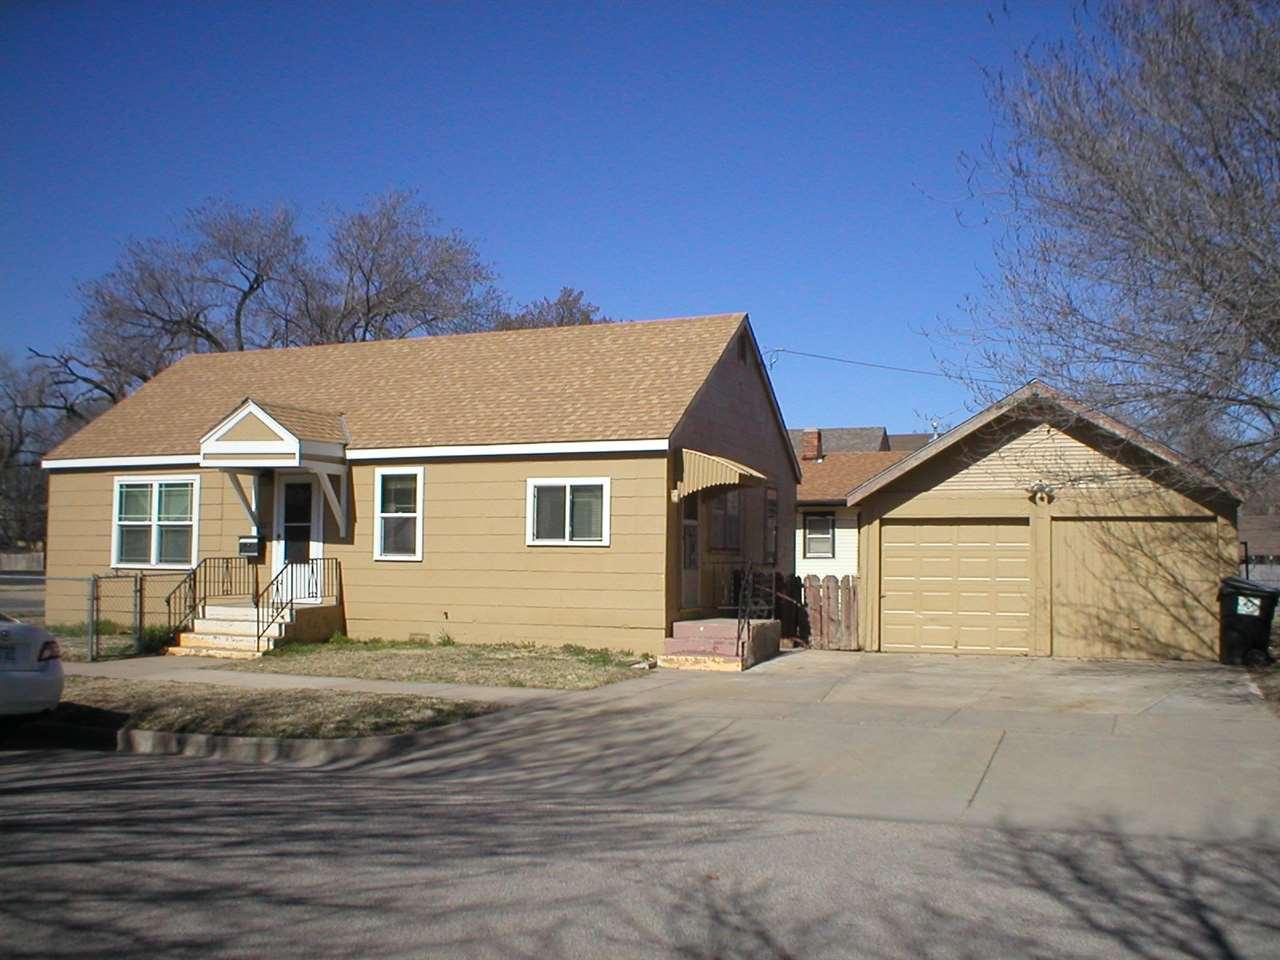 202 E Gilbert St, Wichita, KS 67211